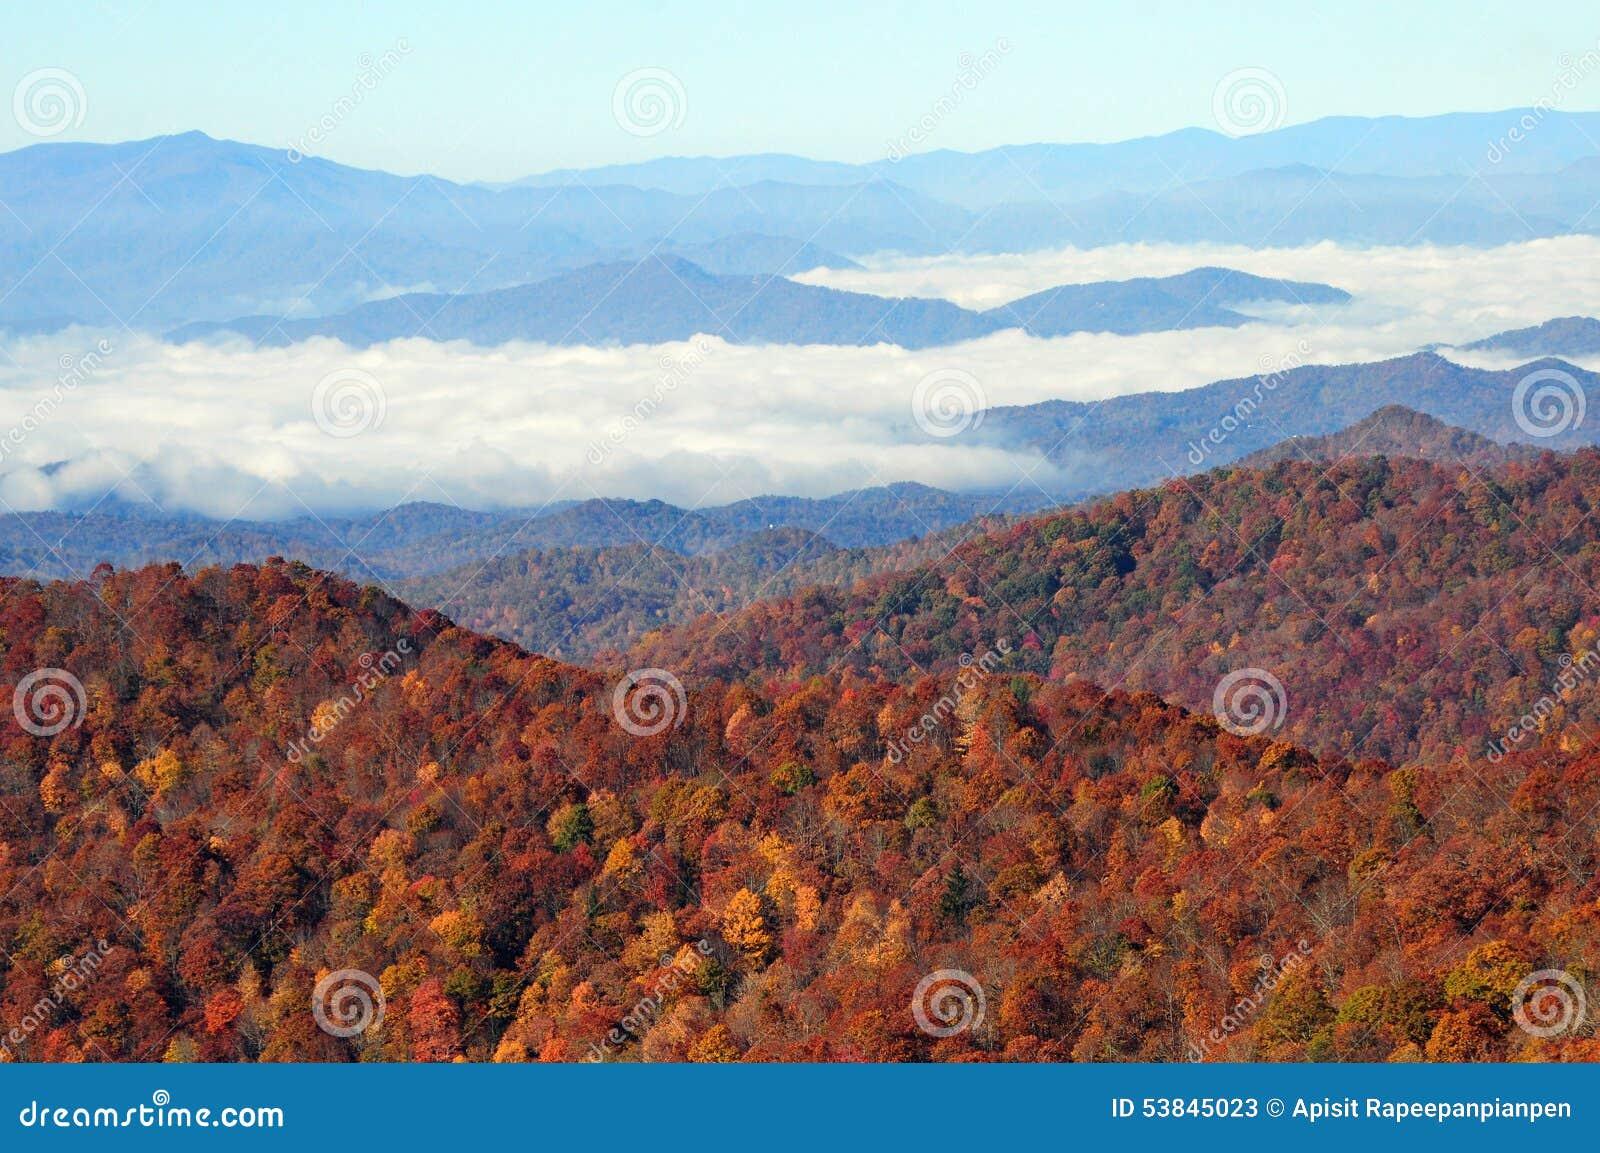 fall foliage blue ridge parkway stock image image of asheville